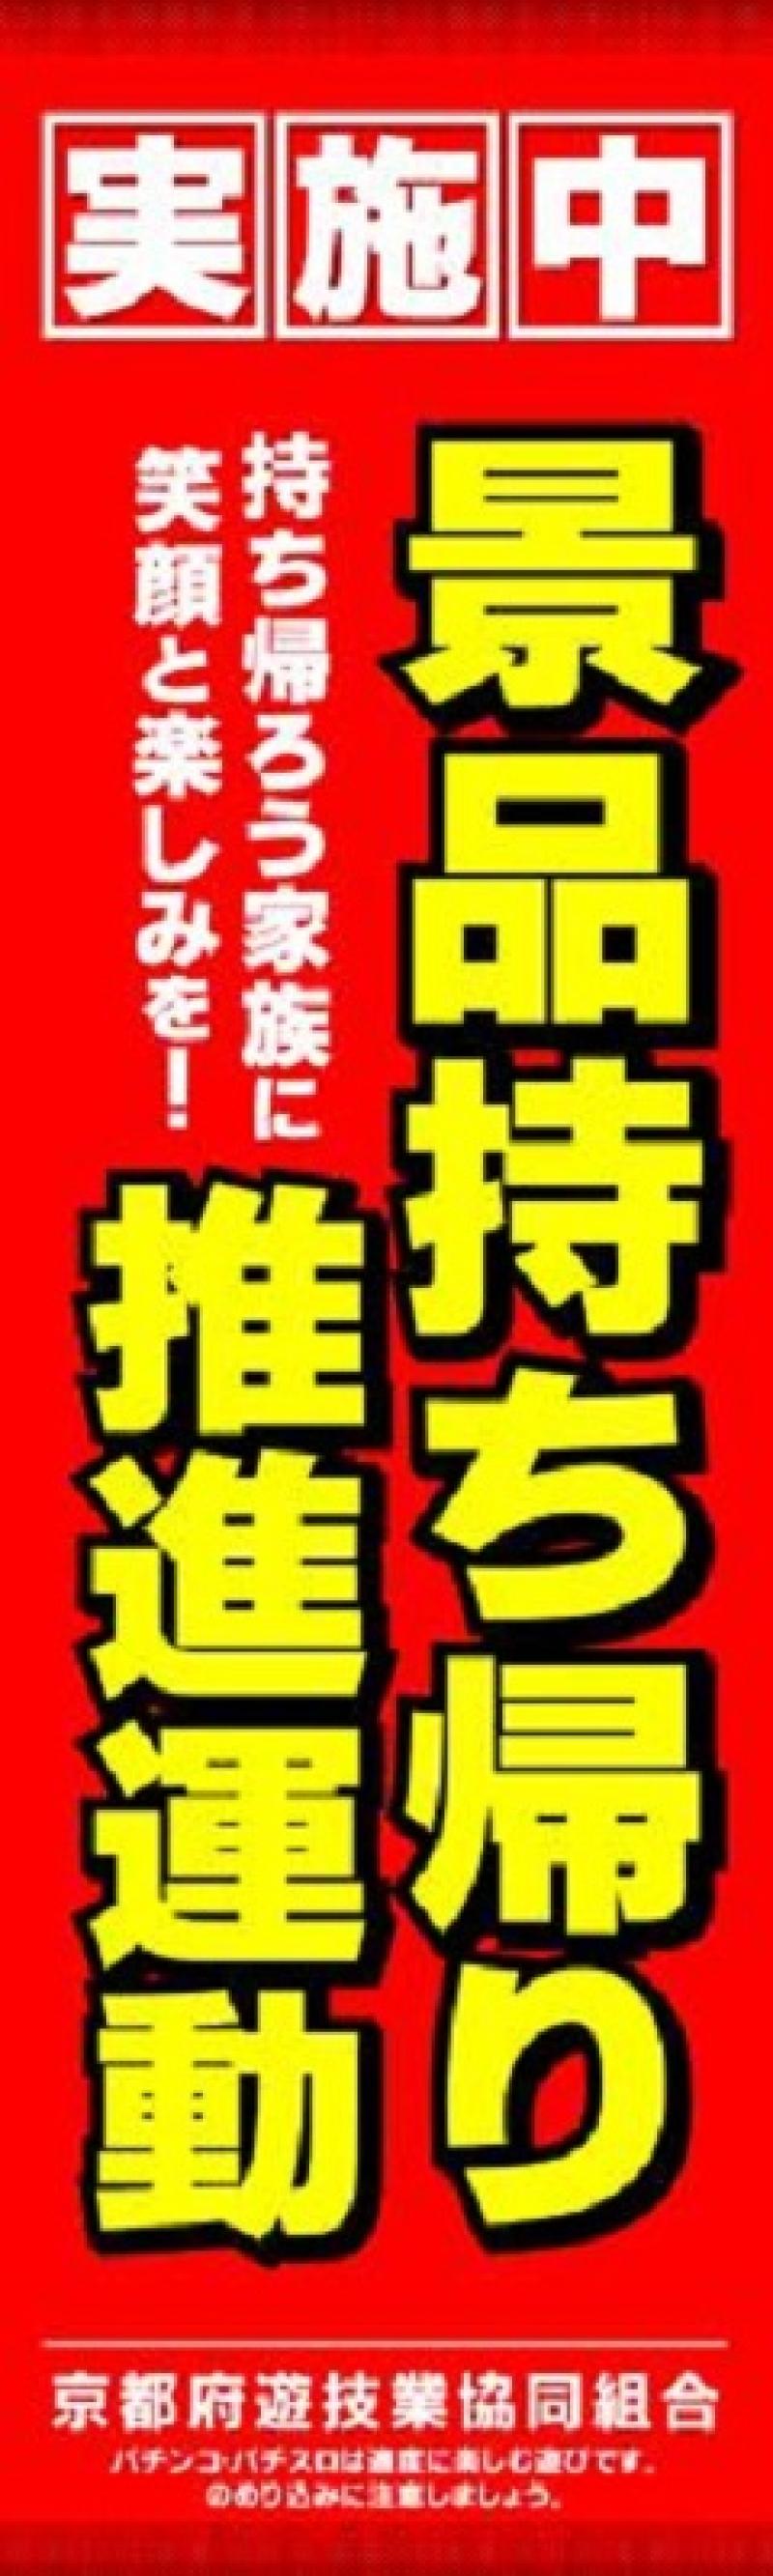 京遊協製作の「のぼり」。